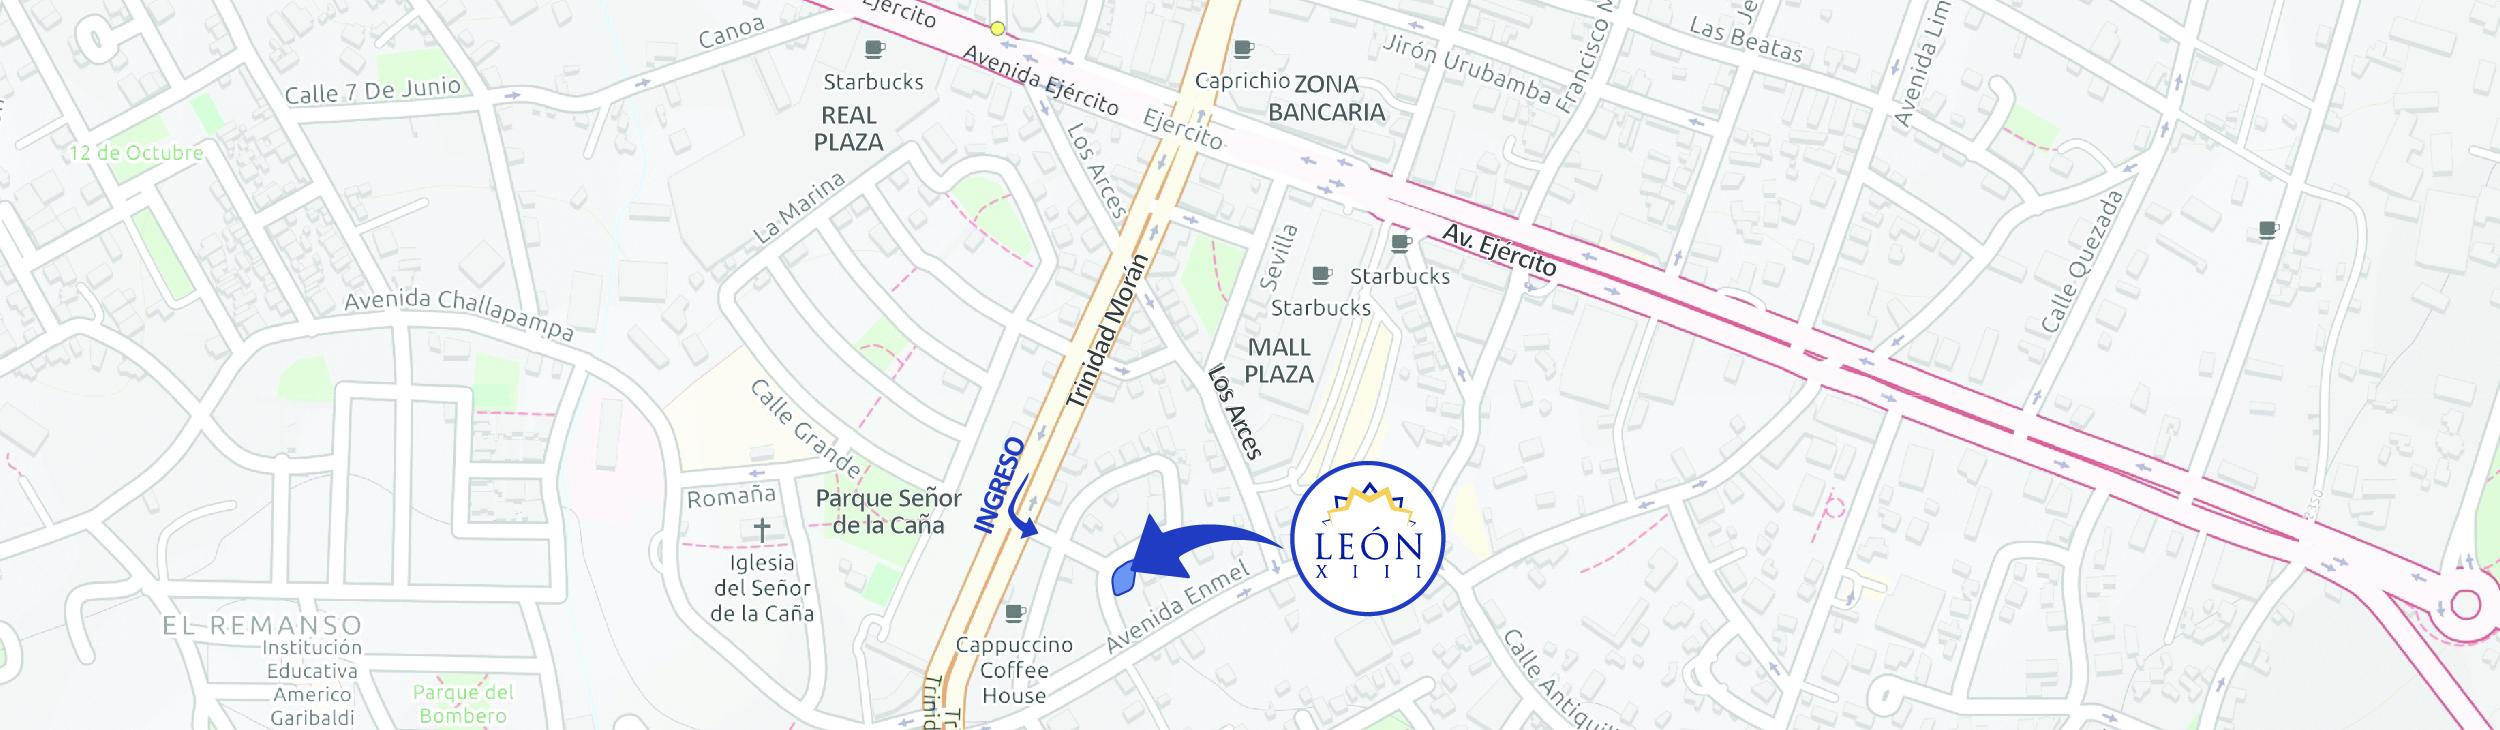 mapa-01-01